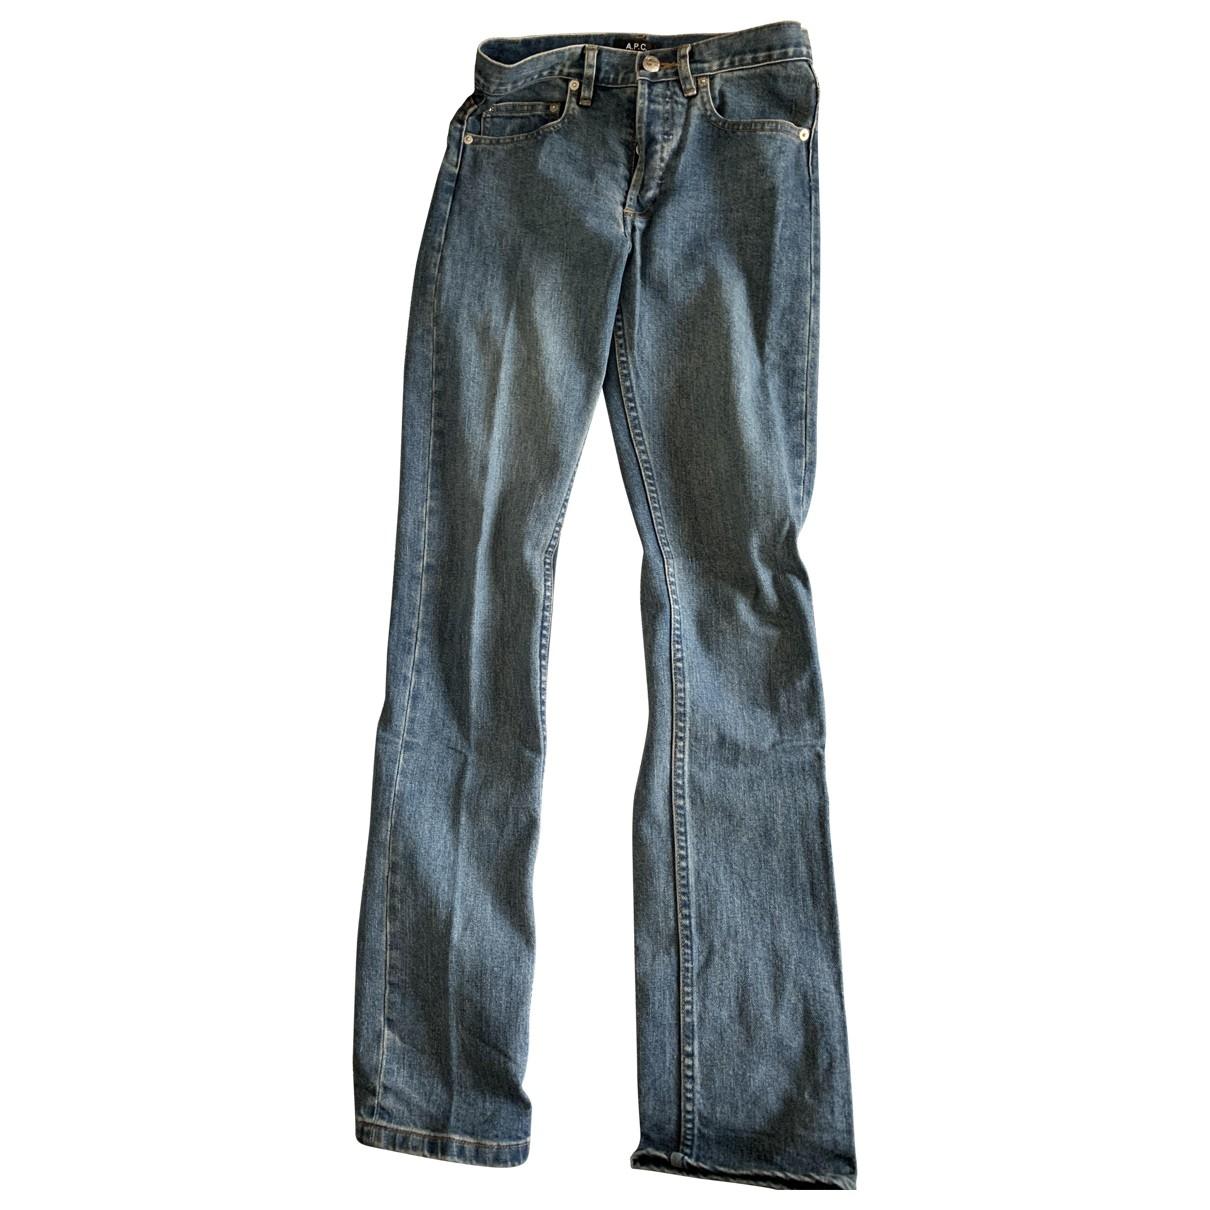 Apc Jean Droit Blue Denim - Jeans Jeans for Women 24 US